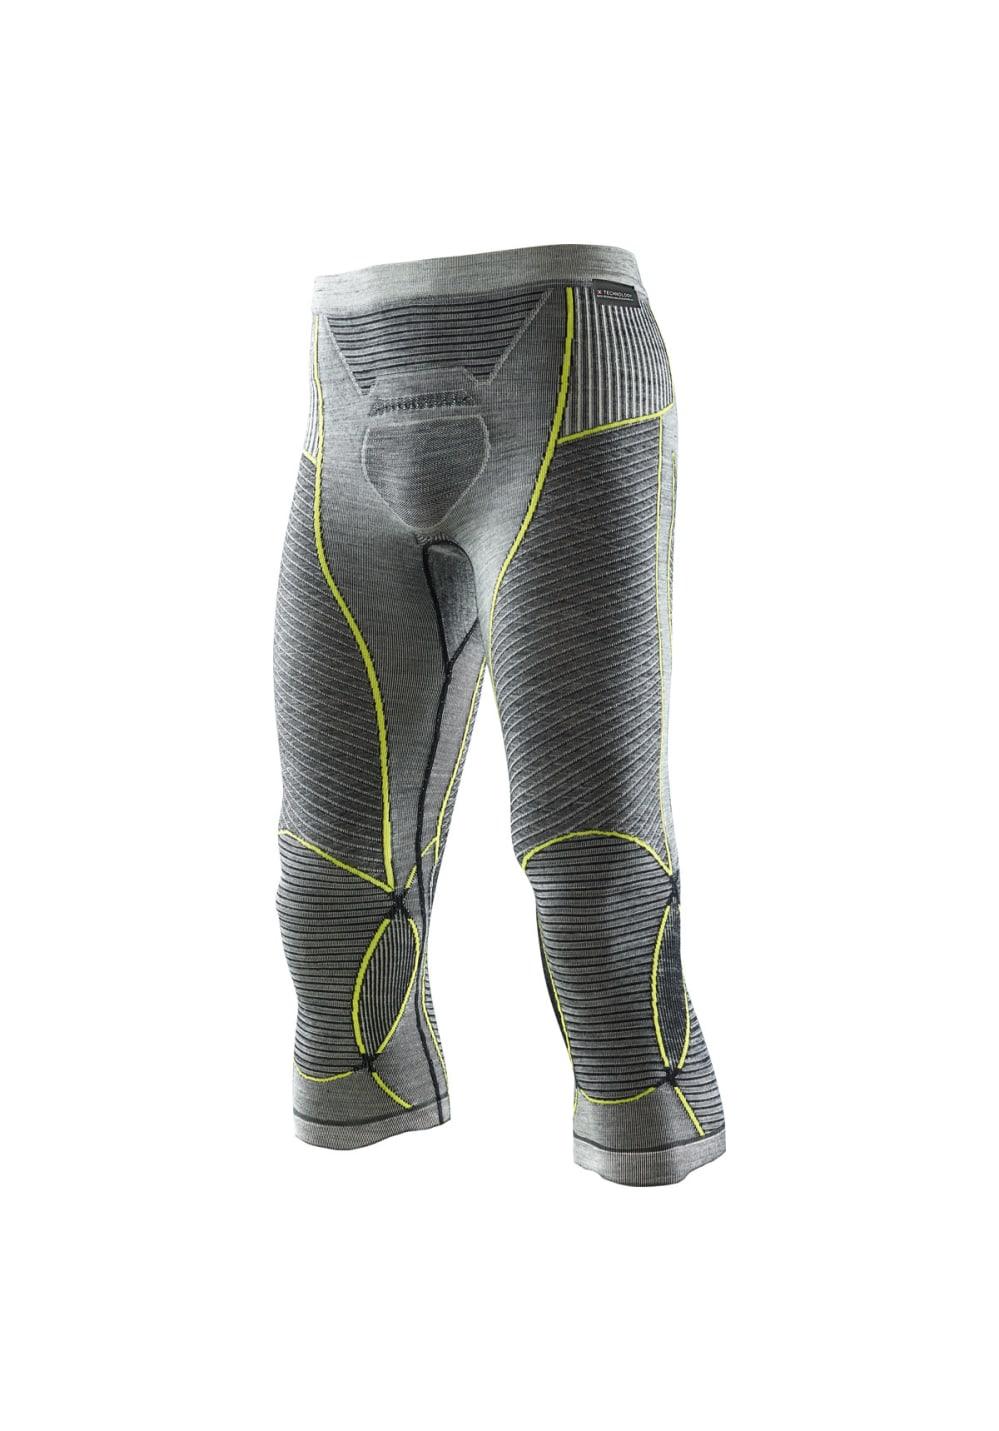 X-Bionic Apani Merino Fastflow Pants Medium - Funktionsunterwäsche für Herren